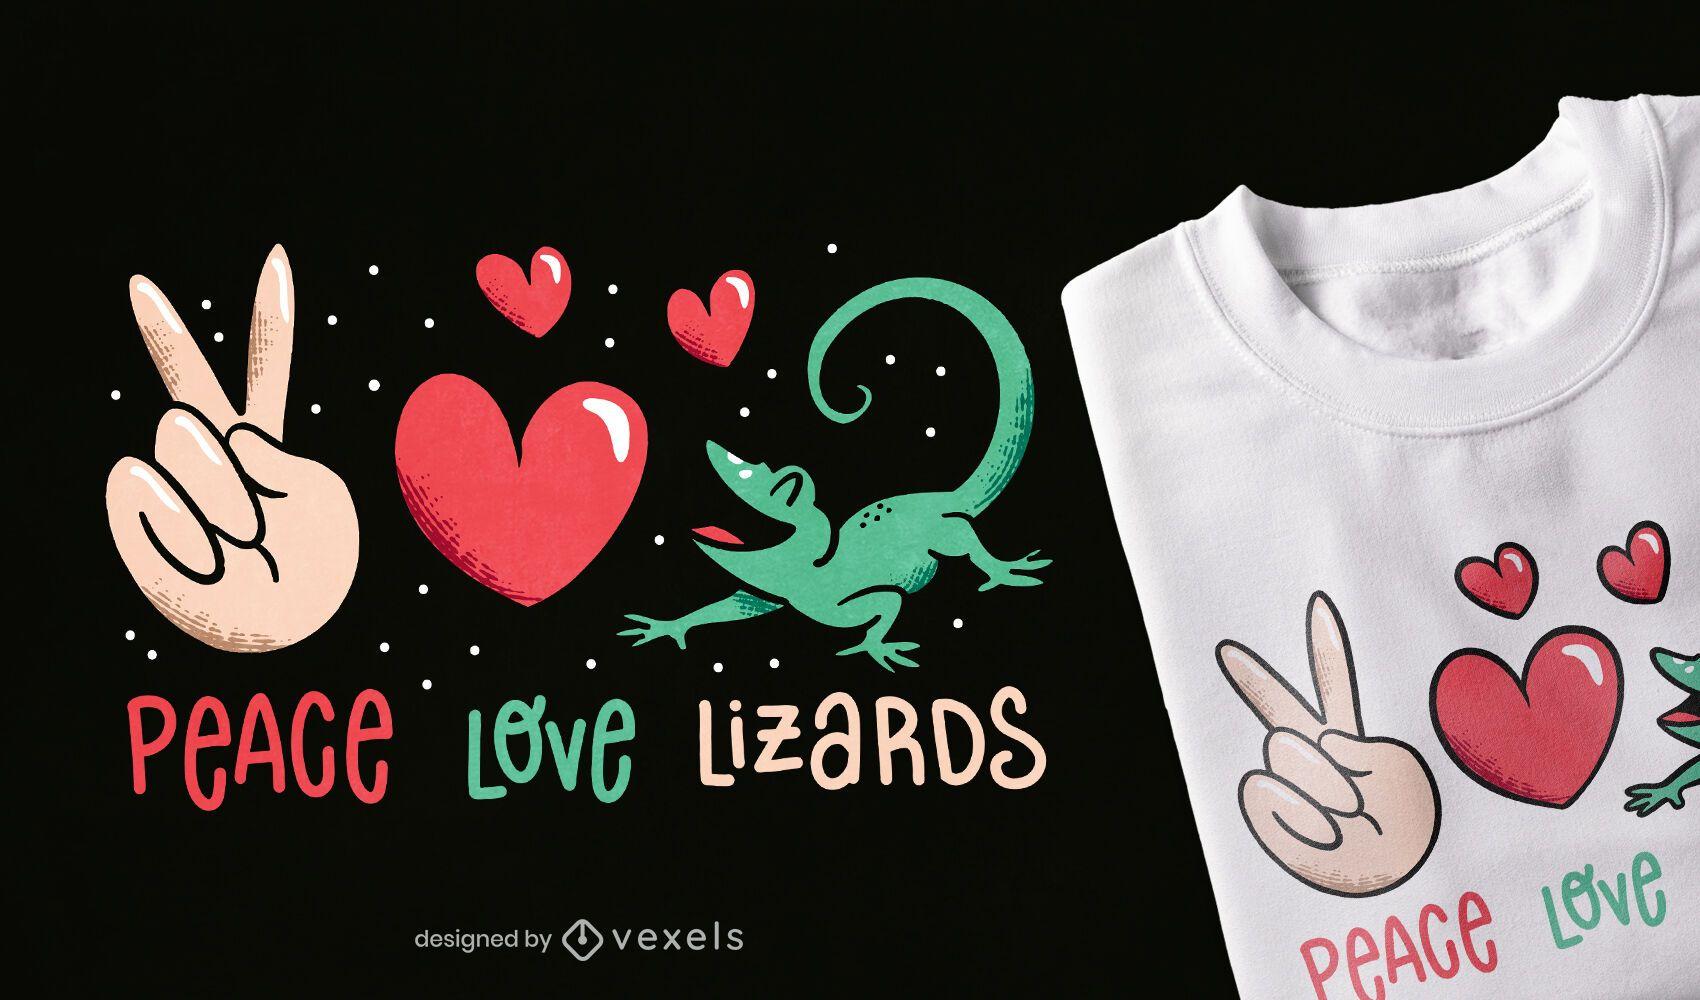 Peace love lizards t-shirt design